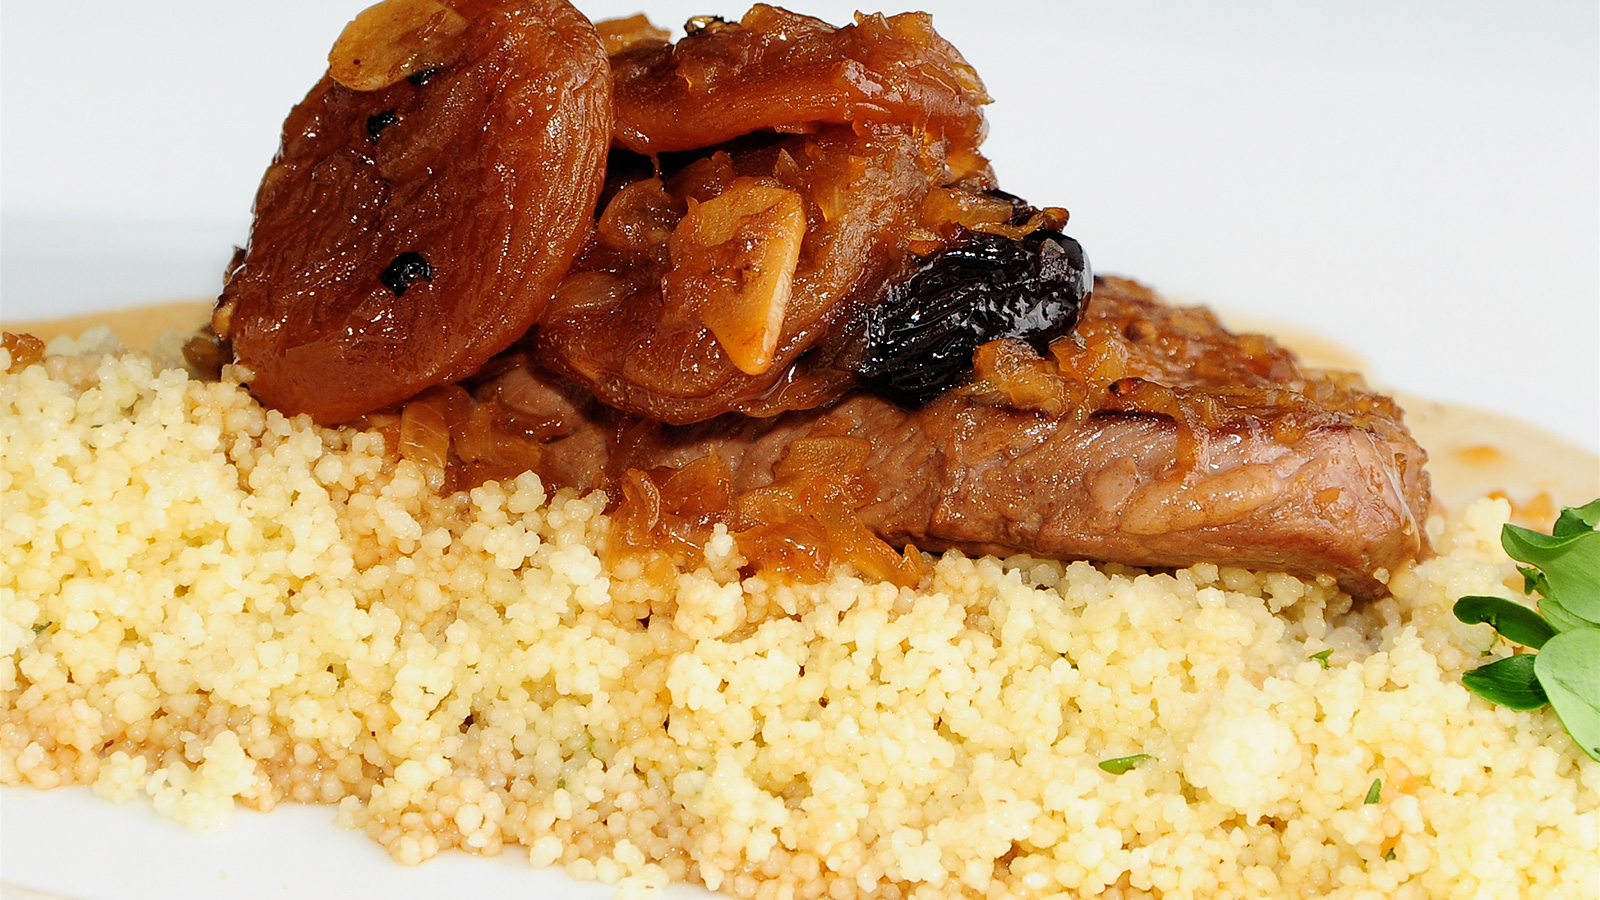 Ternera con ciruelas pasas sergio fern ndez receta - Carne con ciruelas pasas ...